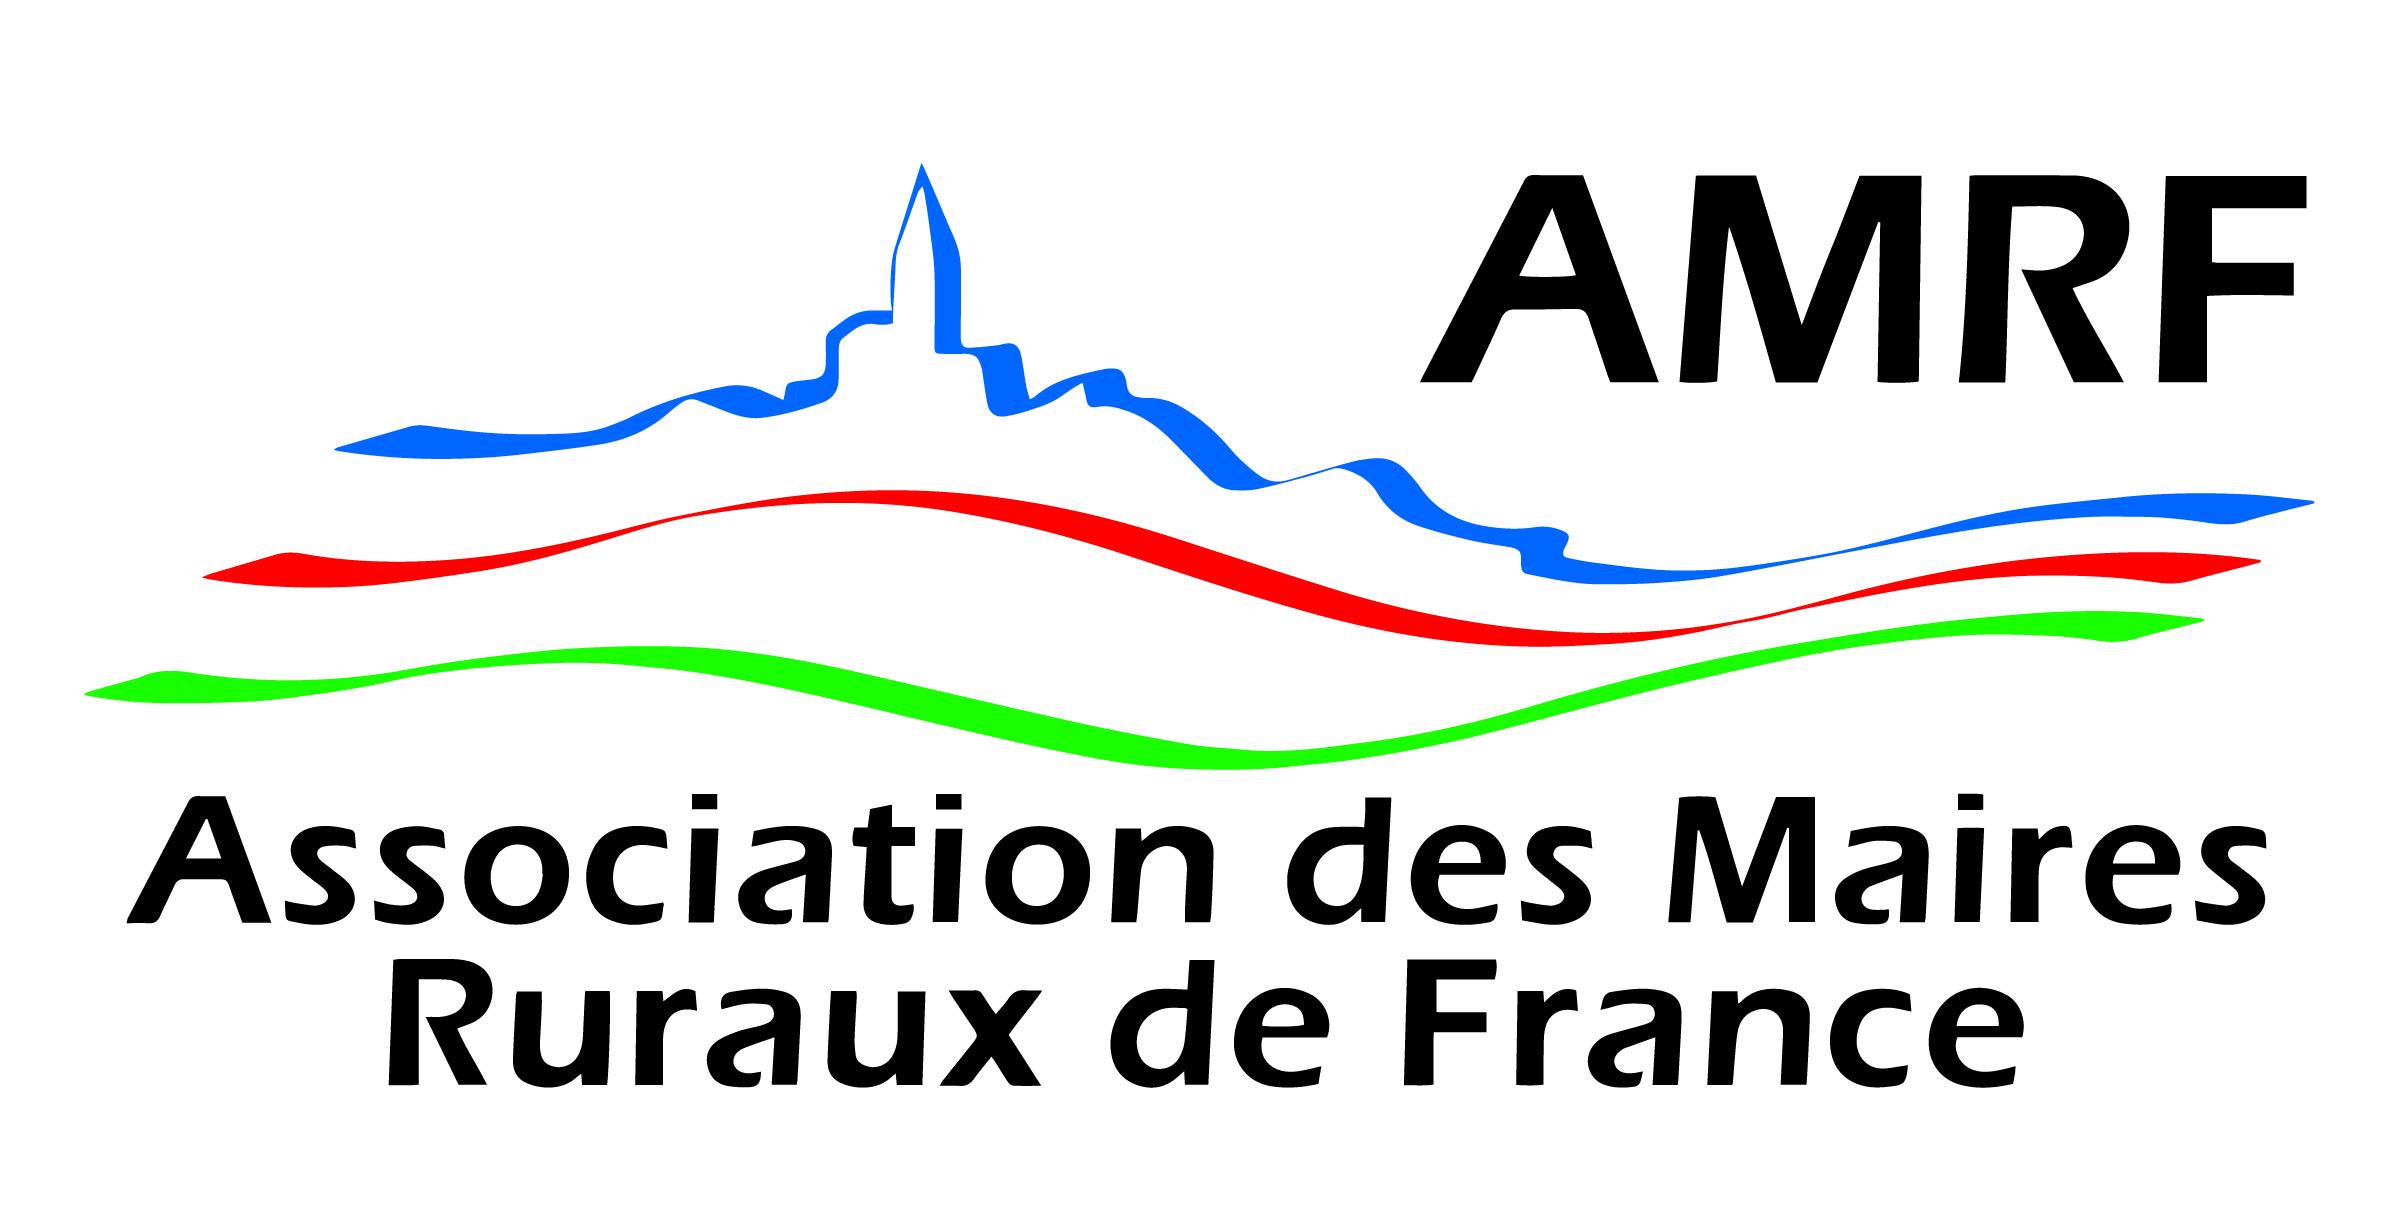 https://www.banquedesterritoires.fr/sites/default/files/2018-11/Logo_AMRF_CMJN_HD%20%283%29.jpg